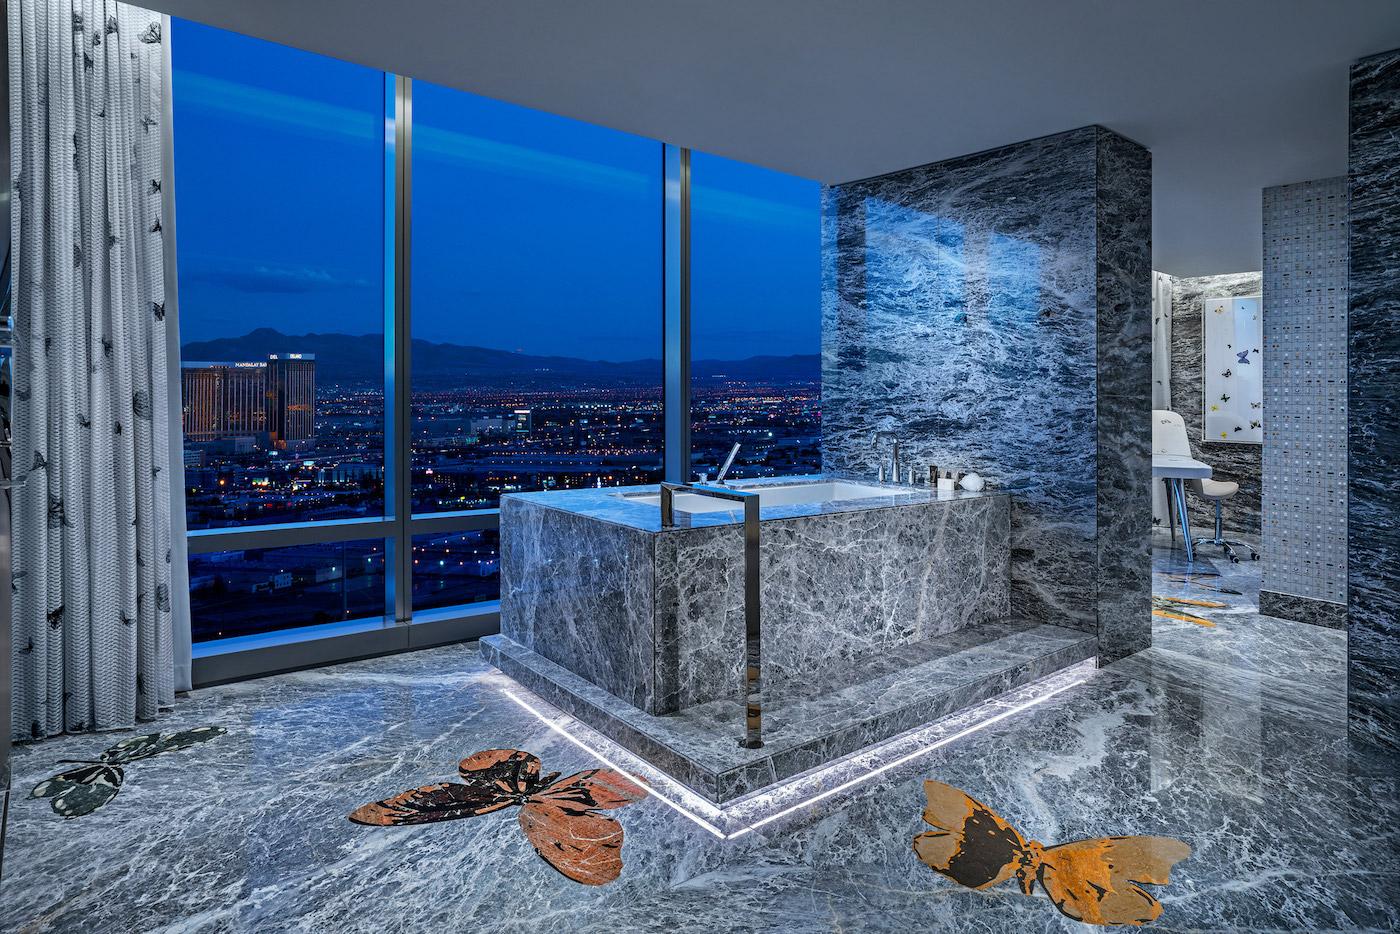 80.000 Dollar pro Nacht: Ein Blick in das teuerste Hotelzimmer der Welt 13